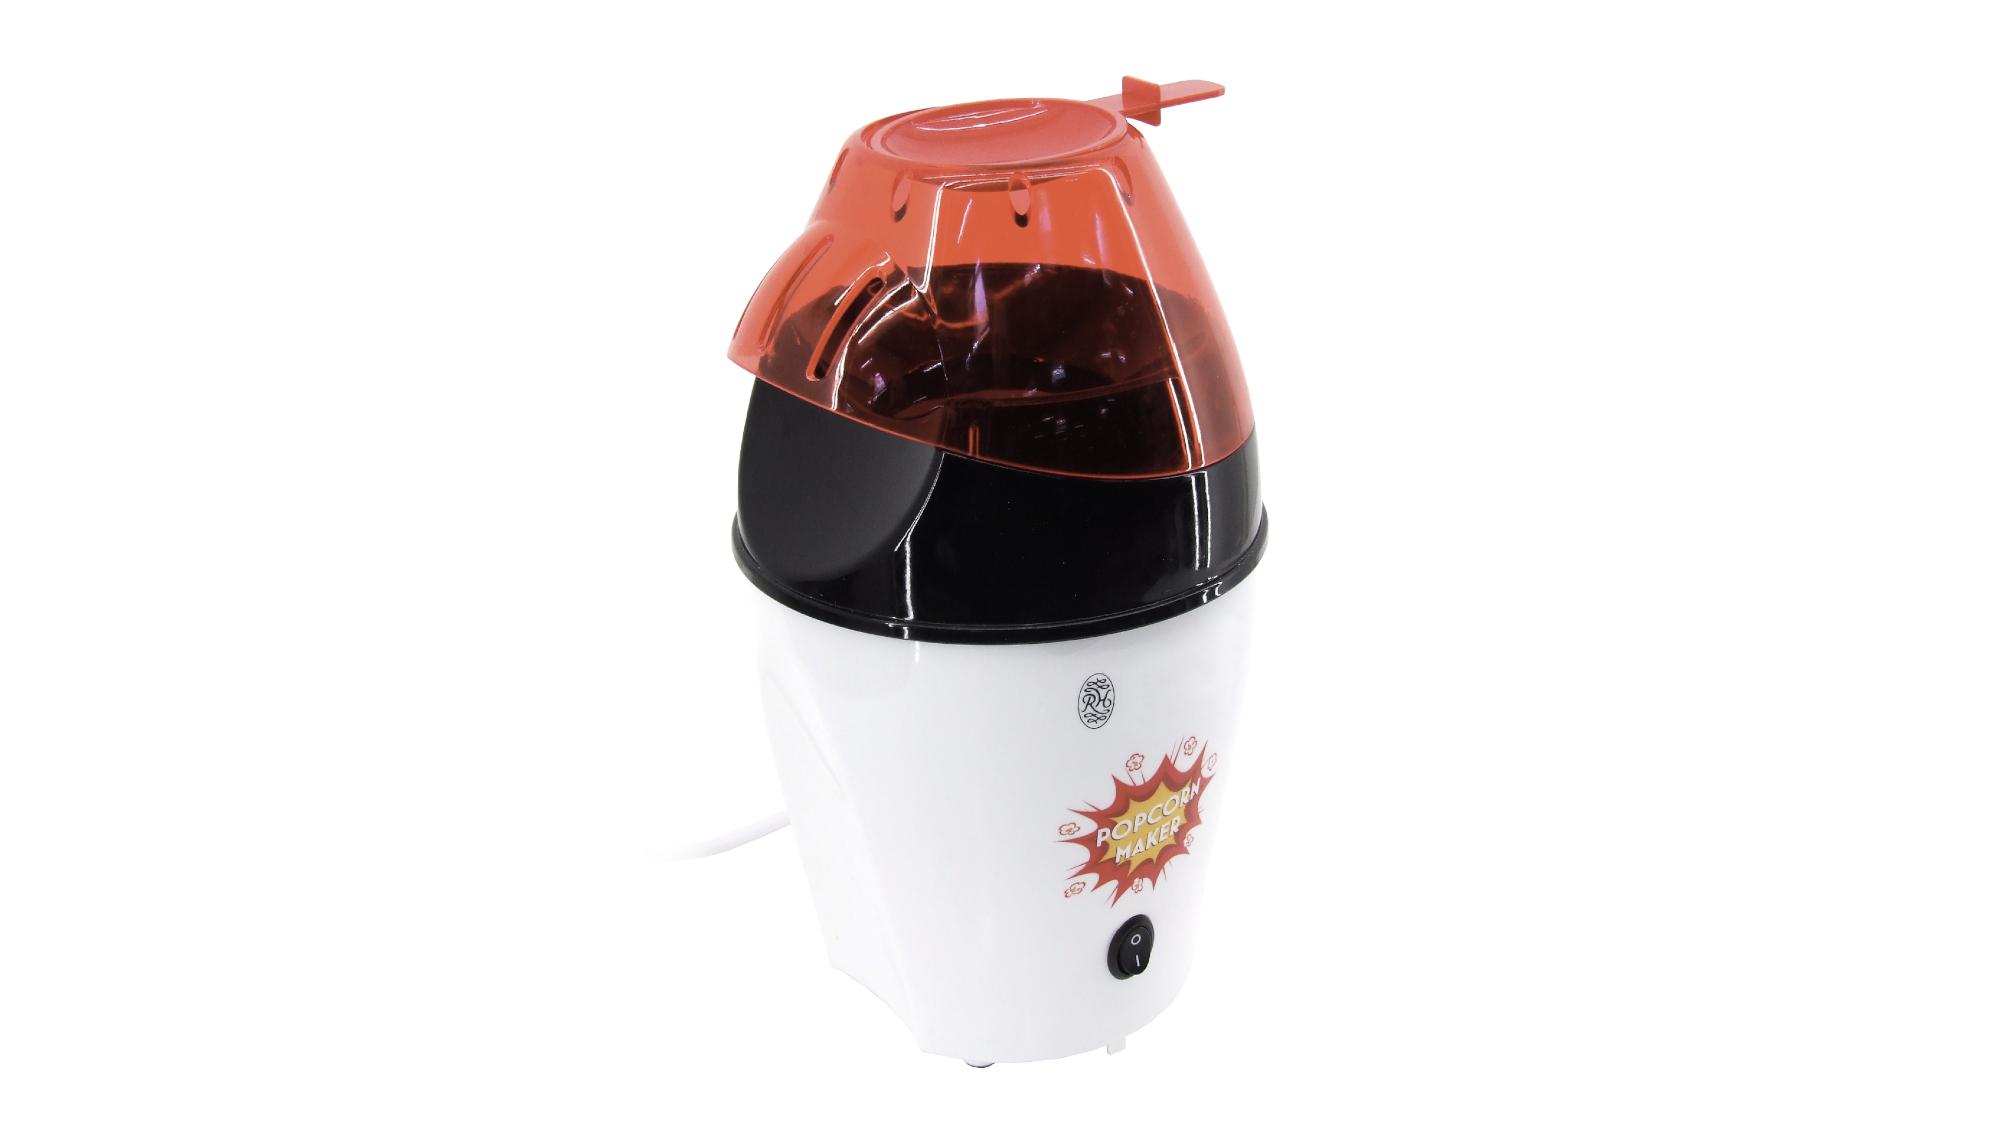 Heißluft-Popcornmaschine leihen